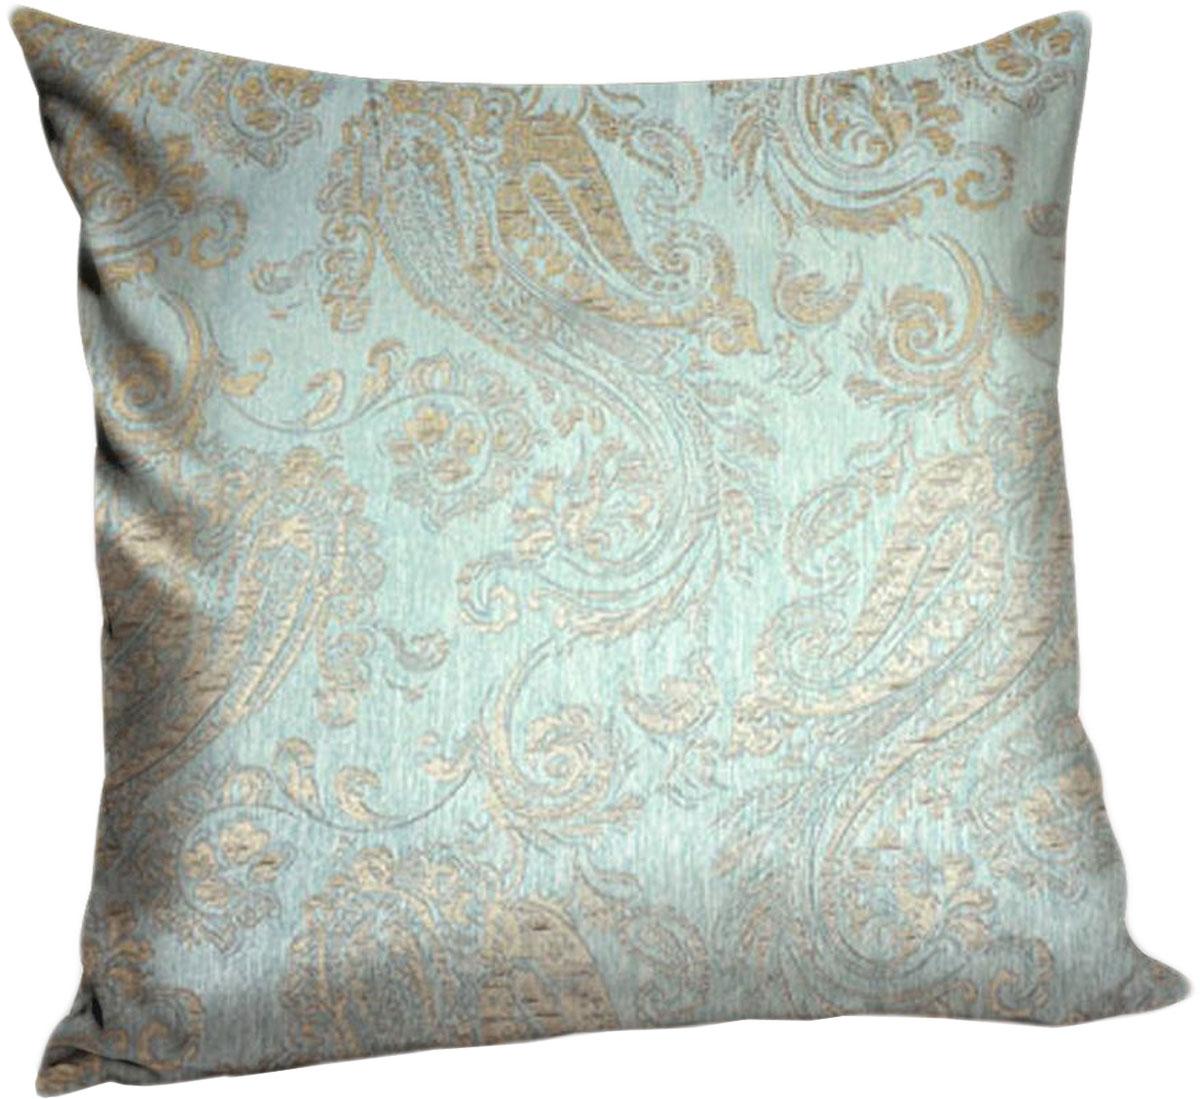 """Декоративная подушка """"Аладора"""" прекрасно дополнит интерьер спальни или гостиной.  Чехол подушки выполнен из двухстороннего жаккарда. Внутри находится мягкий  наполнитель. Чехол легко снимается благодаря потайной молнии."""